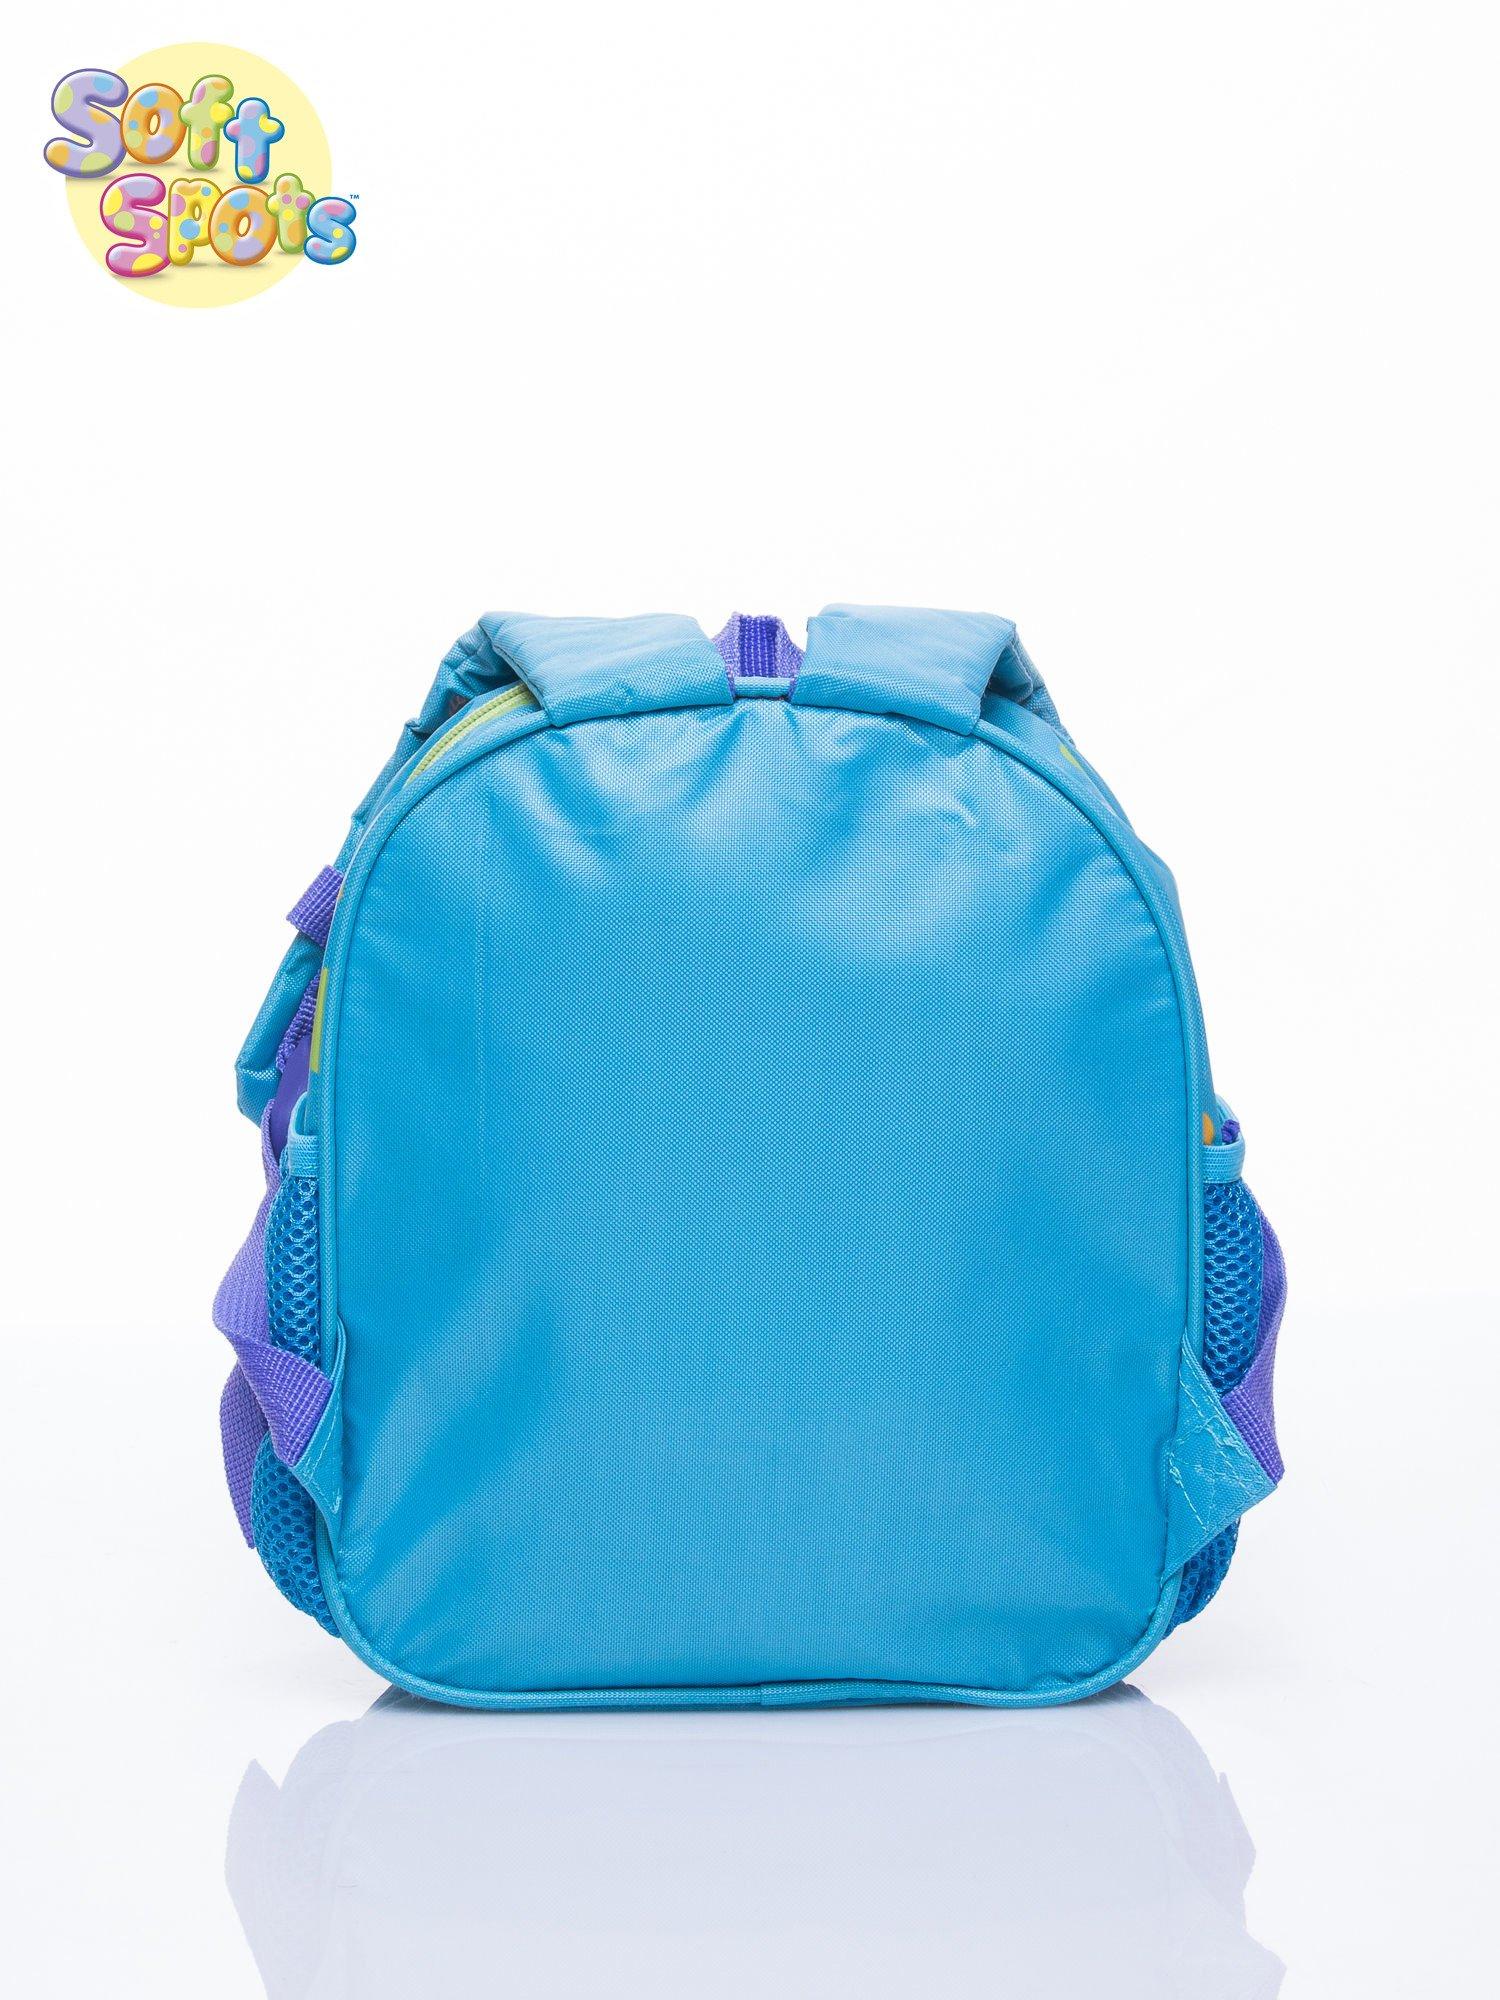 Niebieski plecak na wycieczkę DISNEY Soft Spots                                  zdj.                                  4